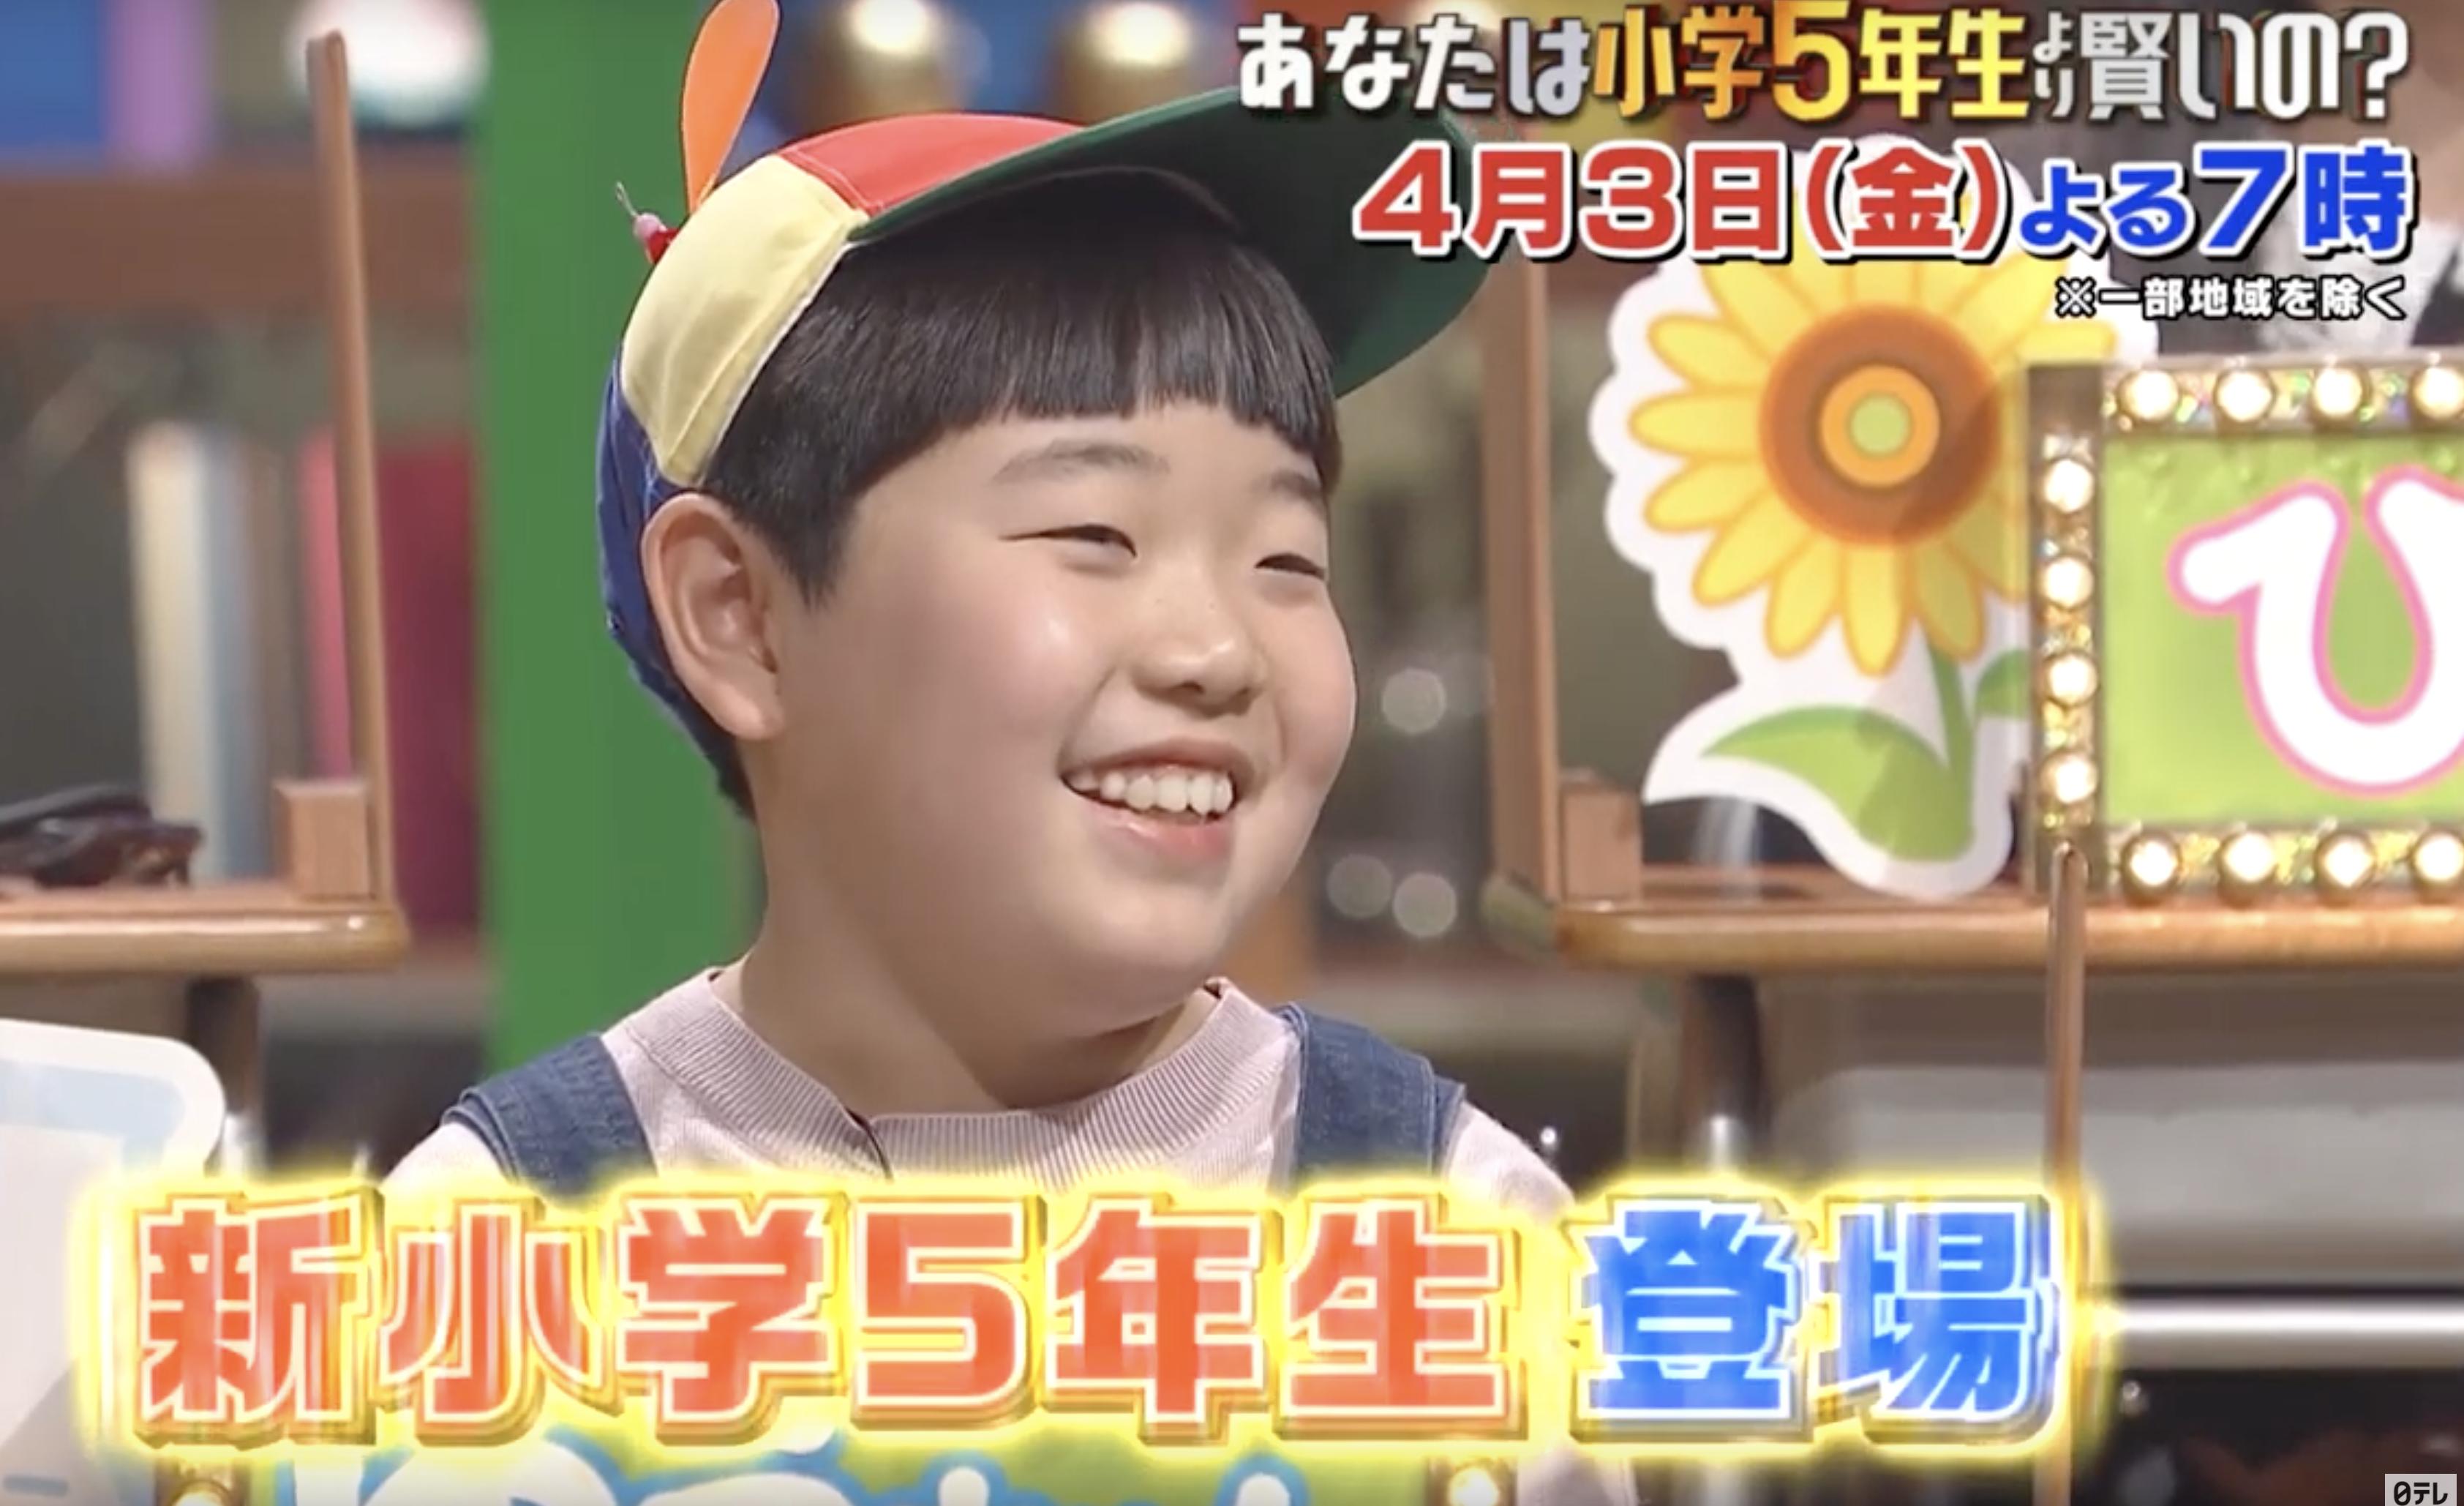 ゆうちゃん(小学5年生)の本名やwikiプロフィール!小学校や兄弟は?かわいい!